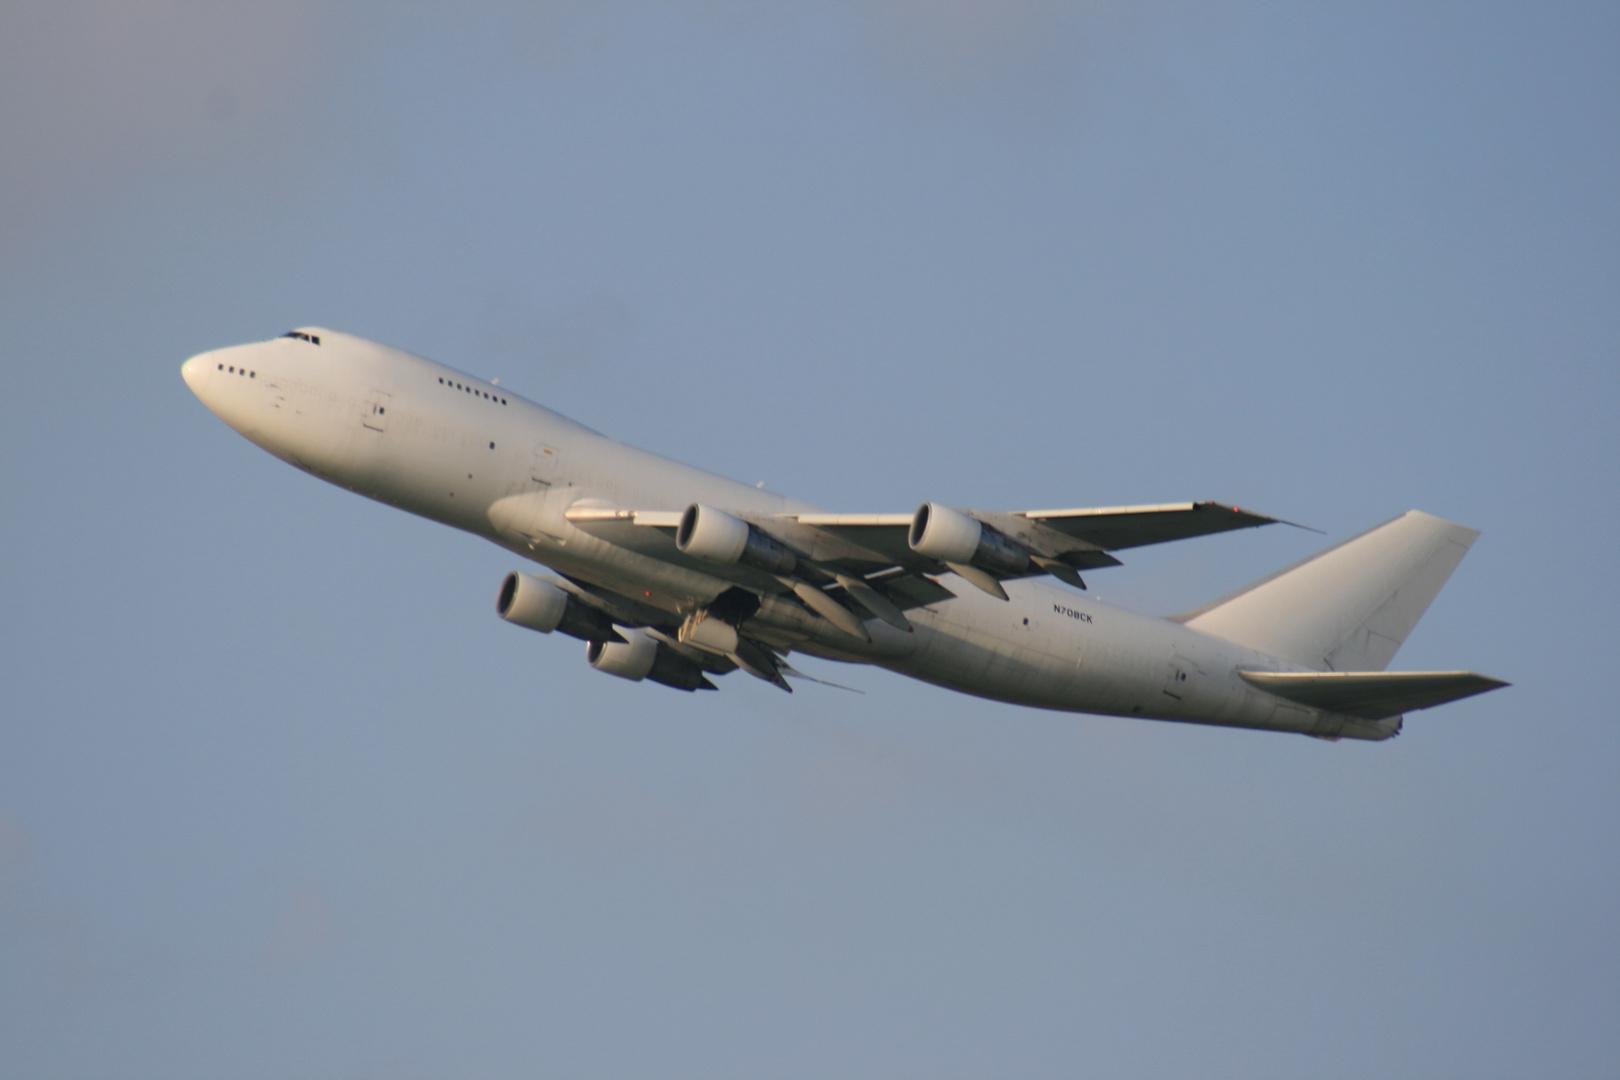 Kalitta Air Boeing 747-200F N7408CK